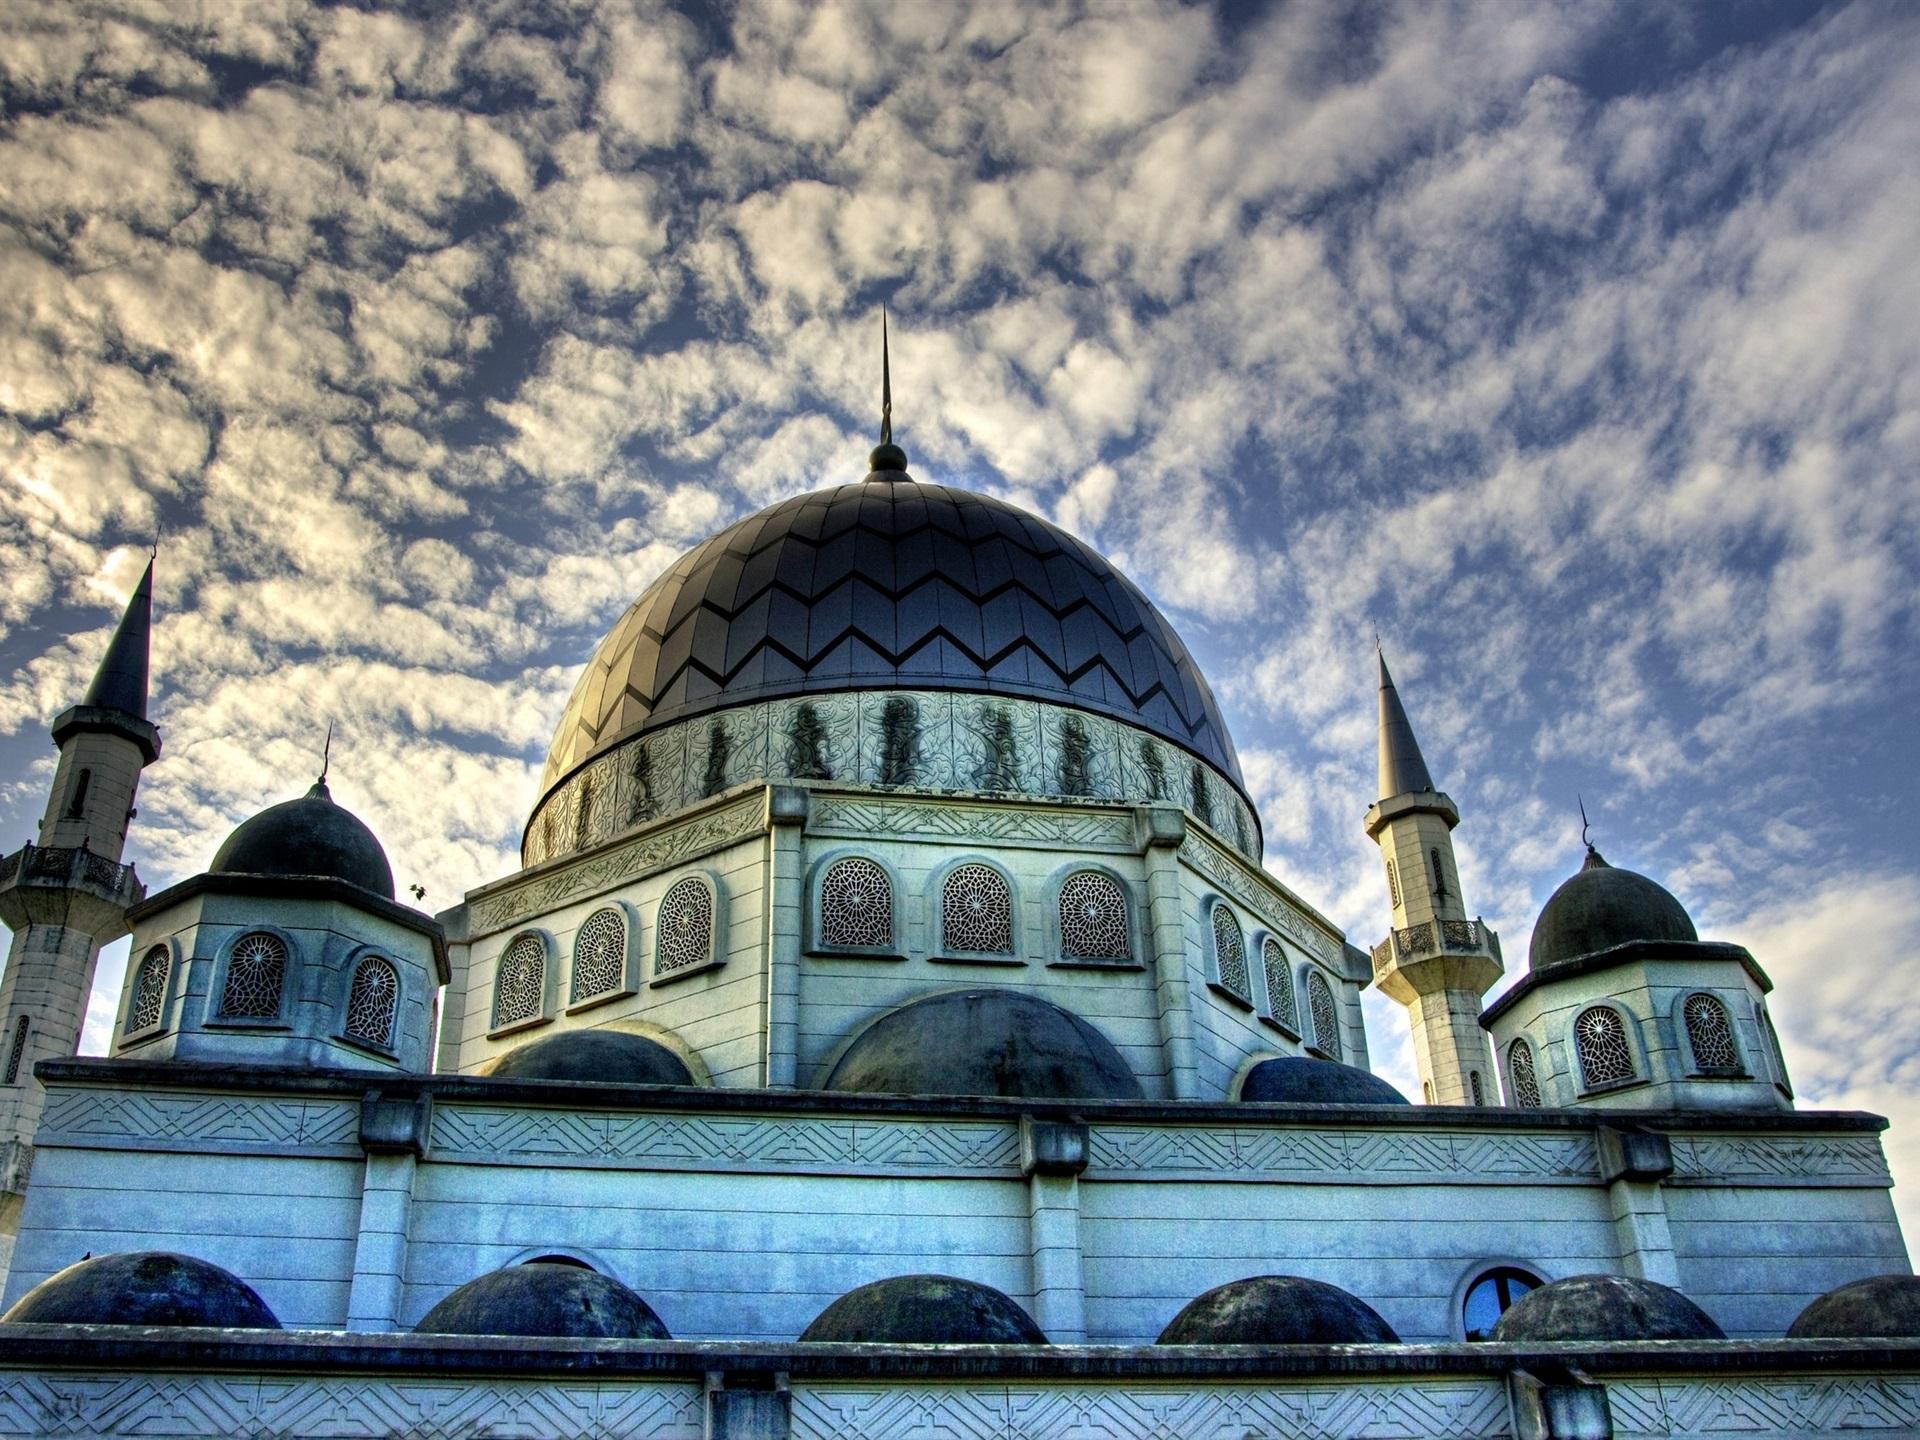 Fondos De Pantalla Islam Mezquita, Edificios, Nubes, Cielo